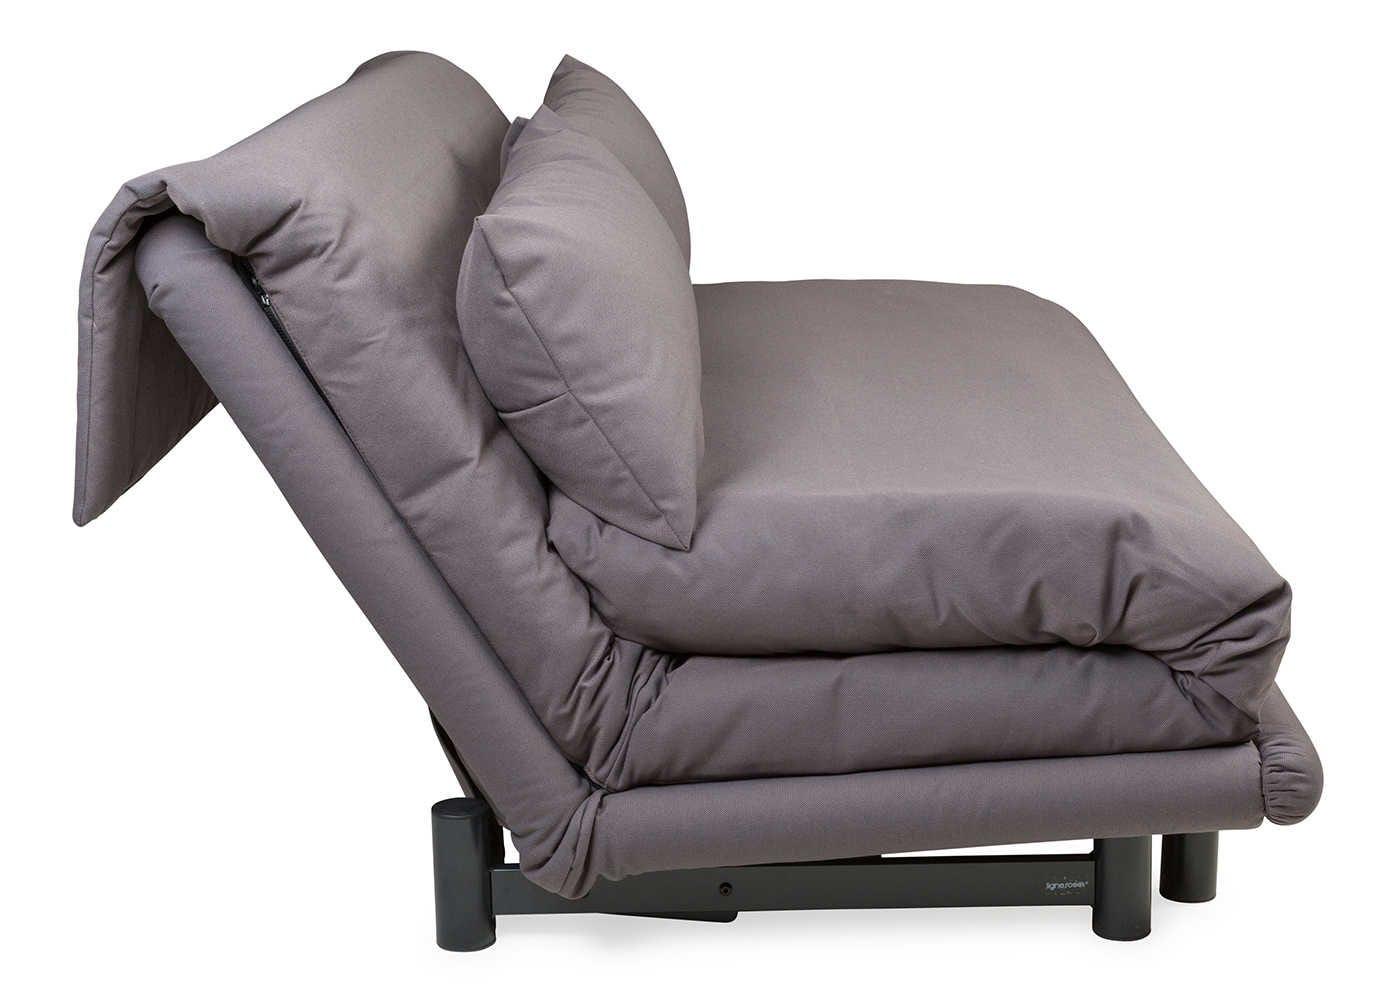 ligne roset multy premier sofa bed. Black Bedroom Furniture Sets. Home Design Ideas